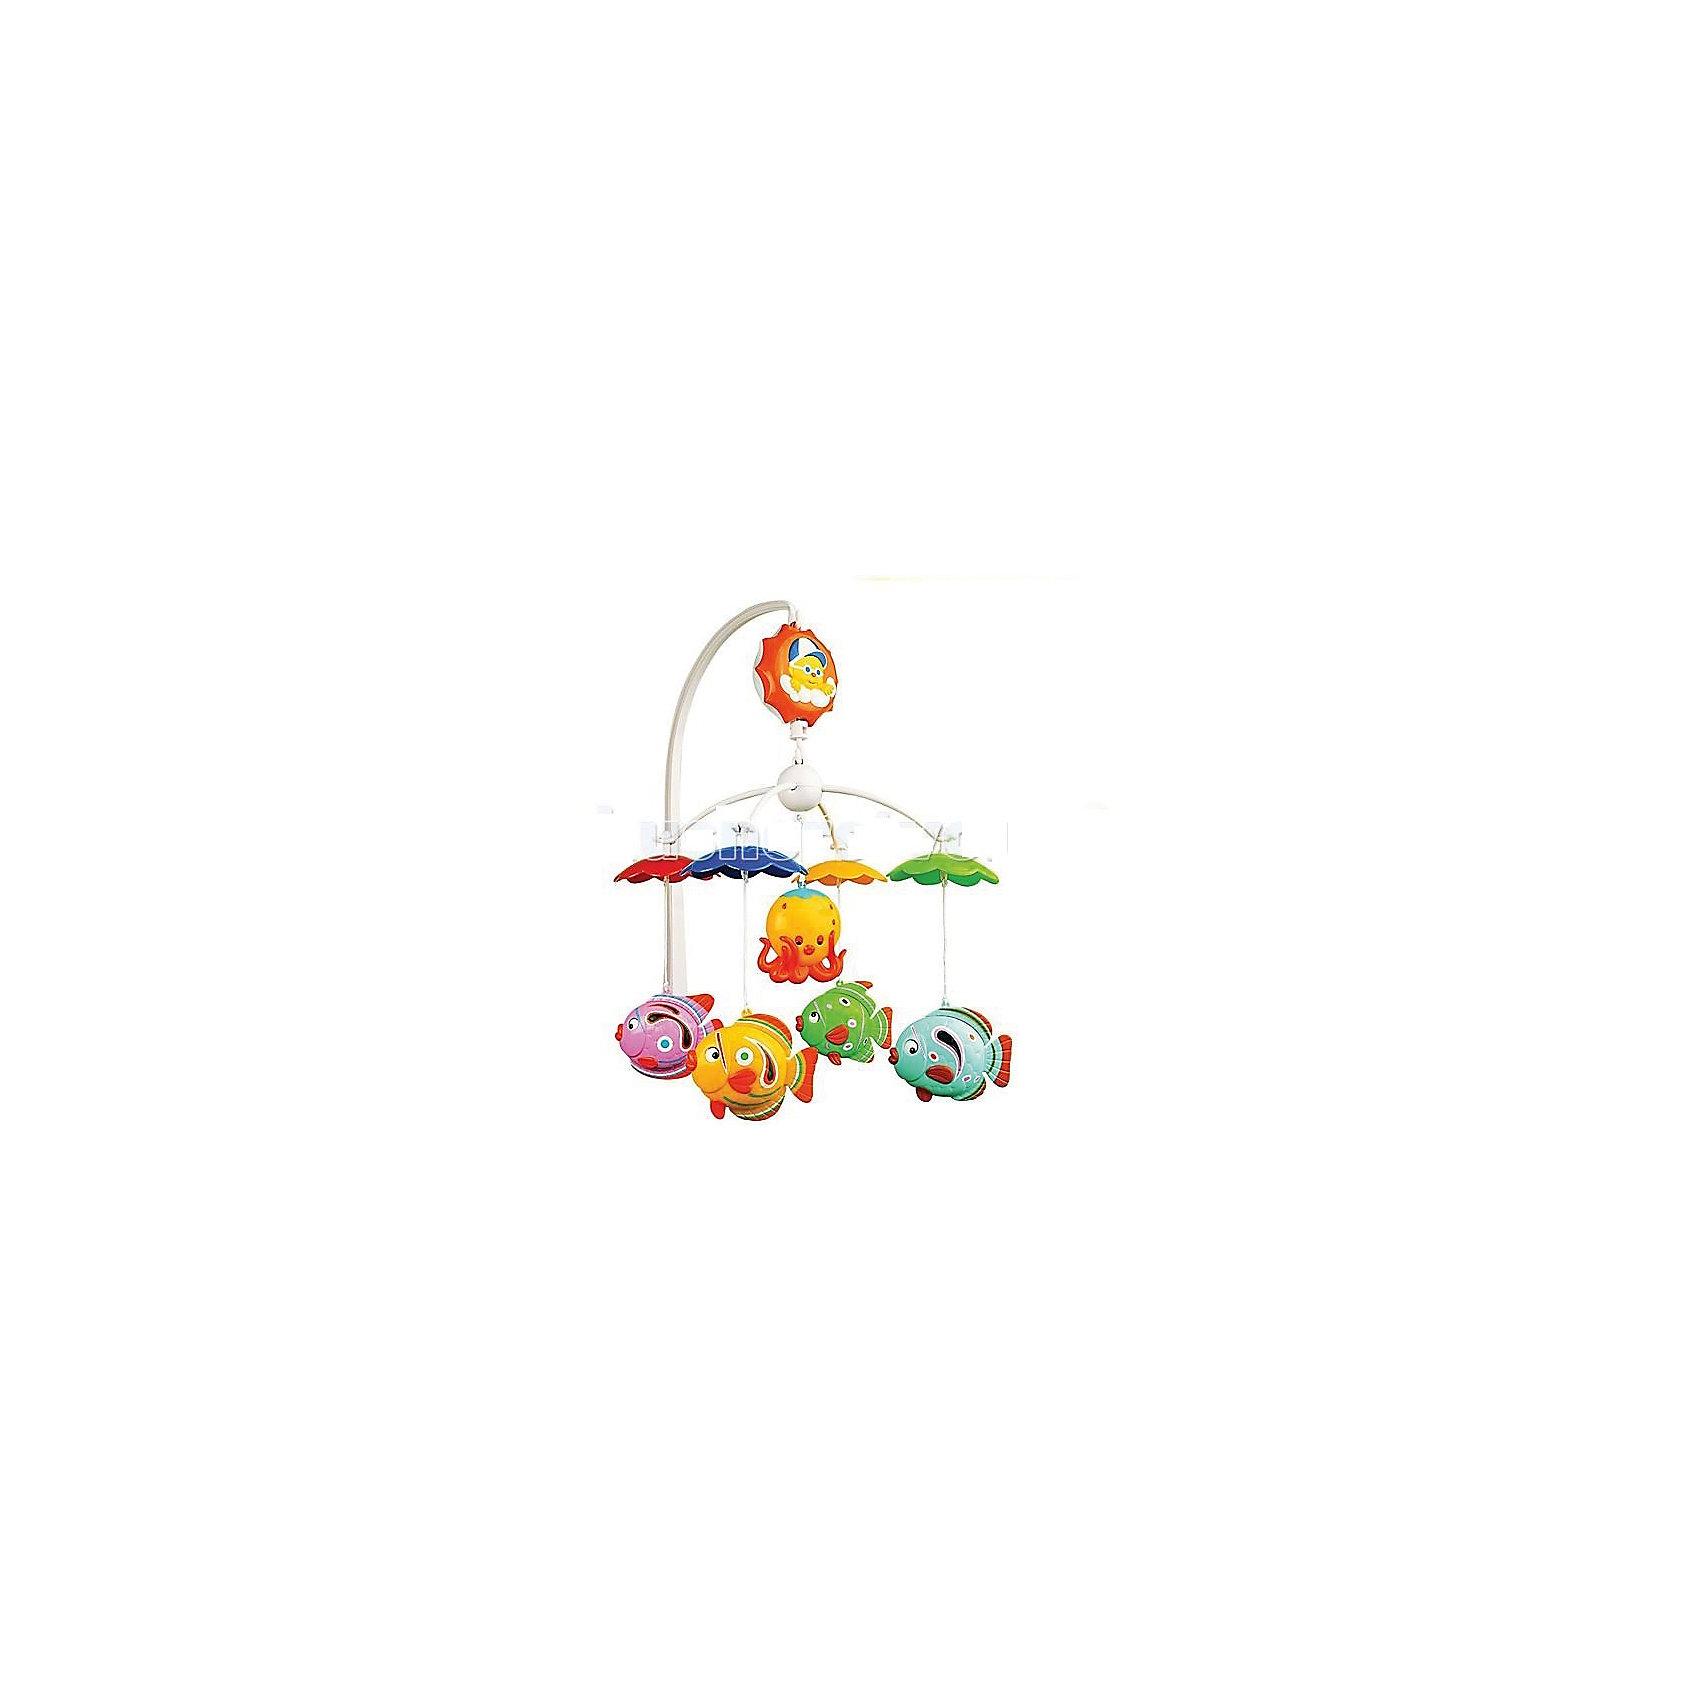 Музыкальная карусель (мобиль) с колыбельными, УмкаПодвески<br>Музыкальная карусель (мобиль) с колыбельными, Умка<br><br>Характеристики:<br><br>• Цвет: мульти<br>• Количество мелодий: 9<br>• Возраст: от 0 месяцев<br>• Размер игрушки: 80 мм<br>• Материал: пластик<br>• Количество игрушек: 5<br><br>Мобиль с яркими животными сделан безопасного пластика ярких, привлекающих цветов. Девять успокаивающих мелодий помогут малышу обрести крепкий сон. Сама игрушка способствует развитию концентрации внимания, моторики рук и визуального восприятия. Крепление на кроватку – стойкой, очень надежное и гарантированно не упадет, даже вовремя активной игры.<br><br>Музыкальная карусель (мобиль) с колыбельными, Умка можно купить в нашем интернет-магазине.<br><br>Ширина мм: 35<br>Глубина мм: 27<br>Высота мм: 5<br>Вес г: 590<br>Возраст от месяцев: 0<br>Возраст до месяцев: 36<br>Пол: Унисекс<br>Возраст: Детский<br>SKU: 4845294